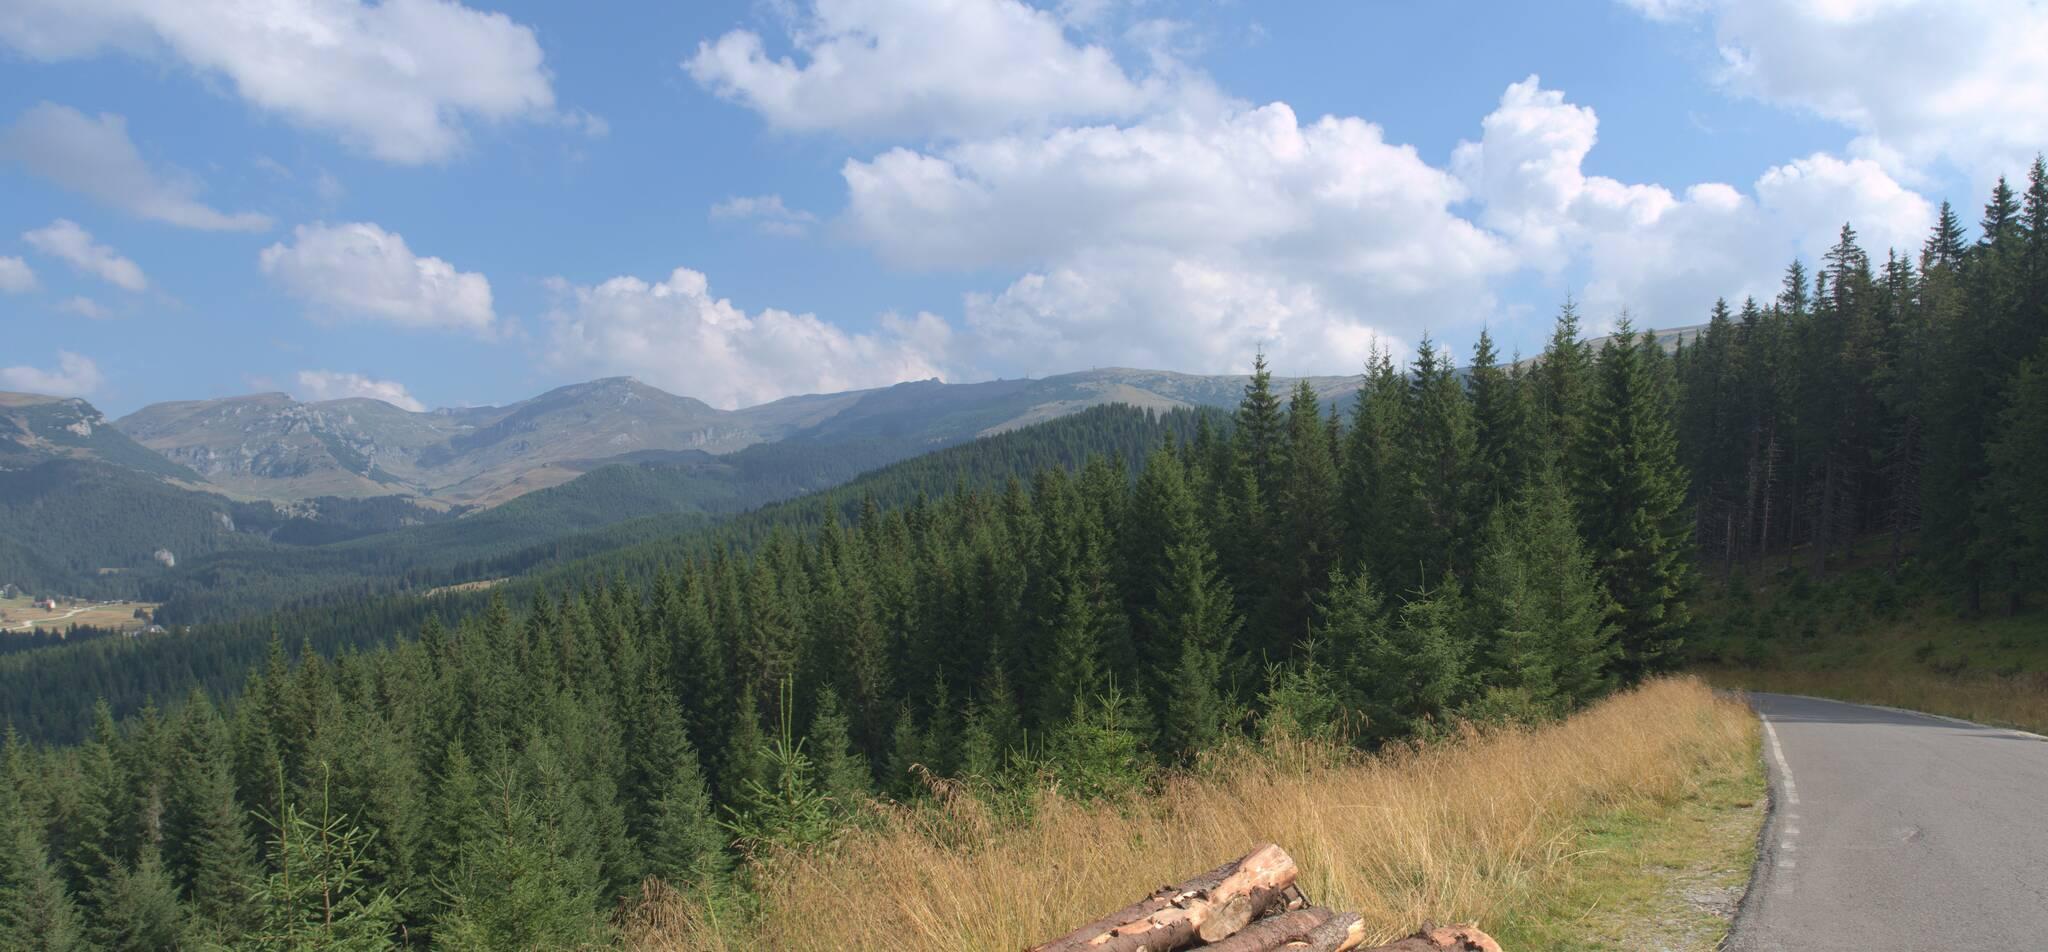 teraz nie ma chmur nad szczytami Bucegi, ale dzisiaj będą tu burze. Lecimy w dół